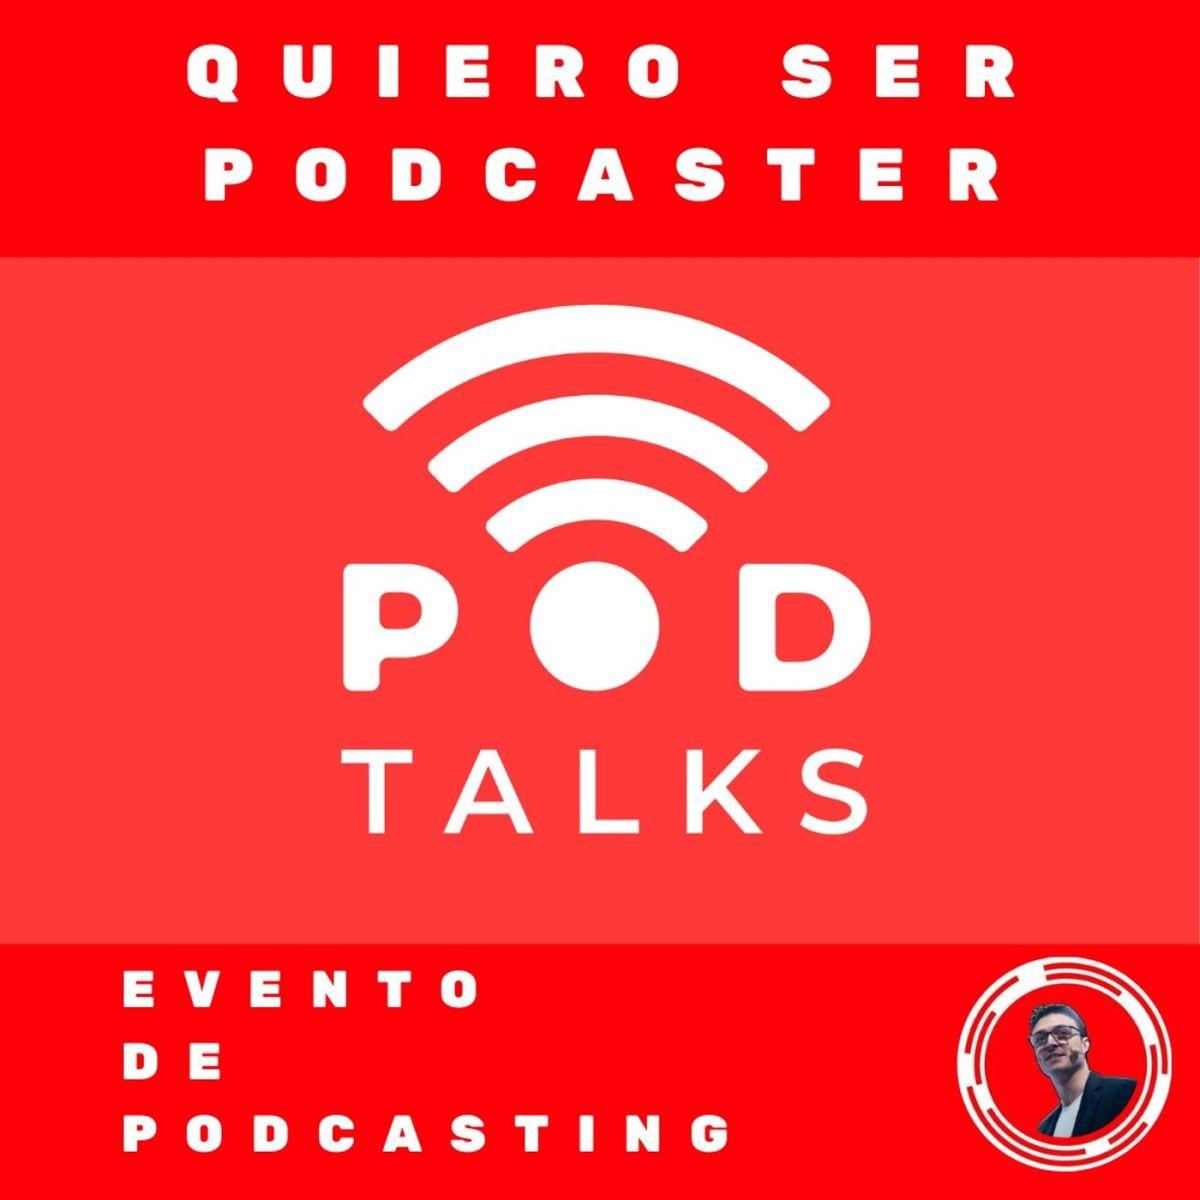 Sobre el evento Podtalks.es